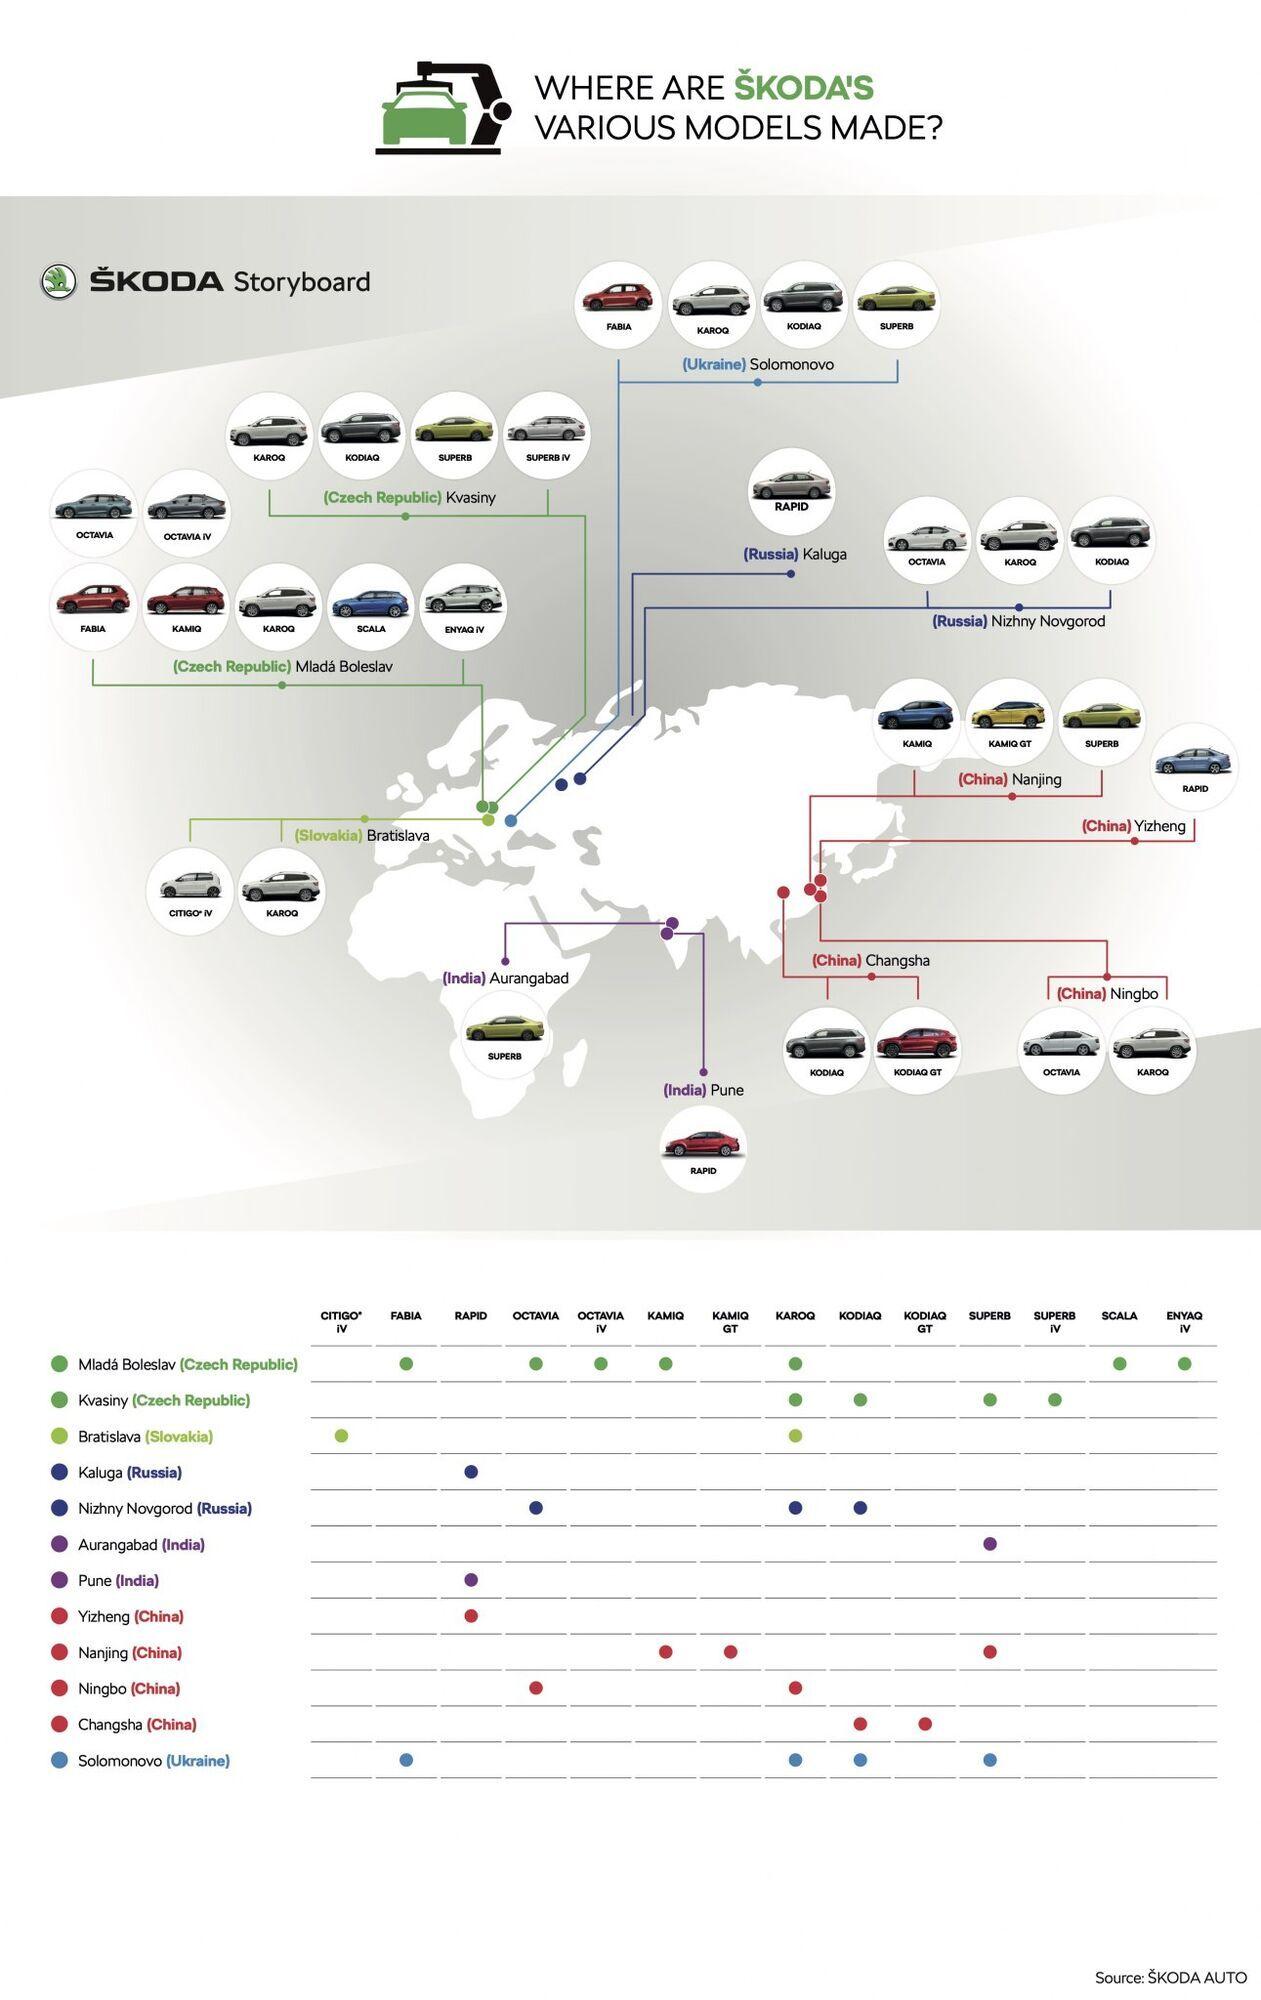 Заводи Skoda в різних куточках світу і моделі, які вони випускають